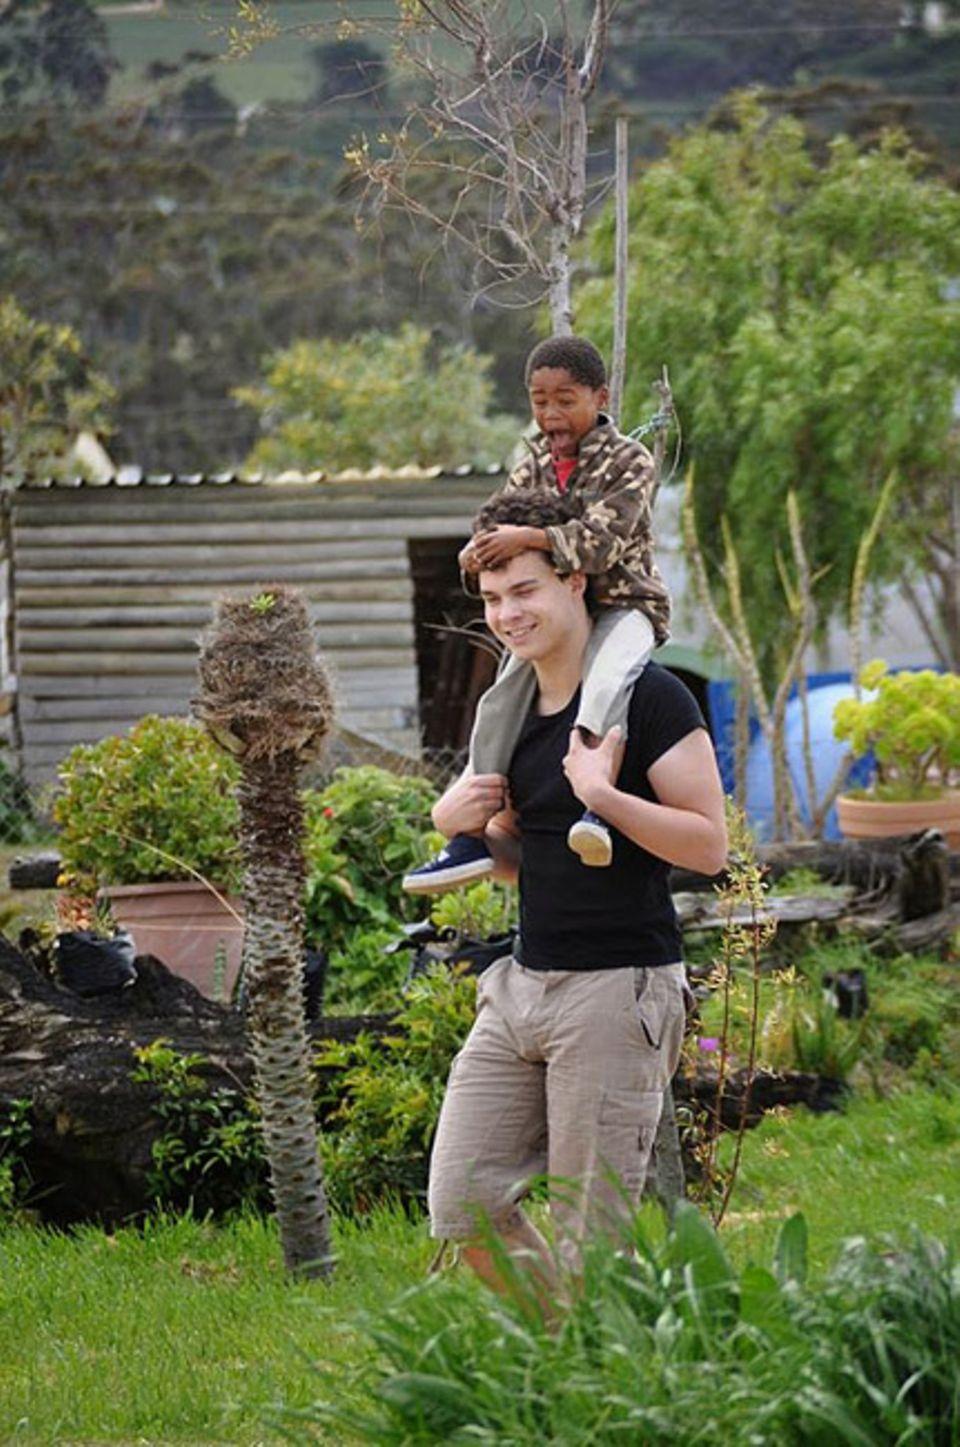 Ehrenamt: Bei ihrer Reise nach Südafrika besuchten drei Unisono-Mitglieder die Kinder